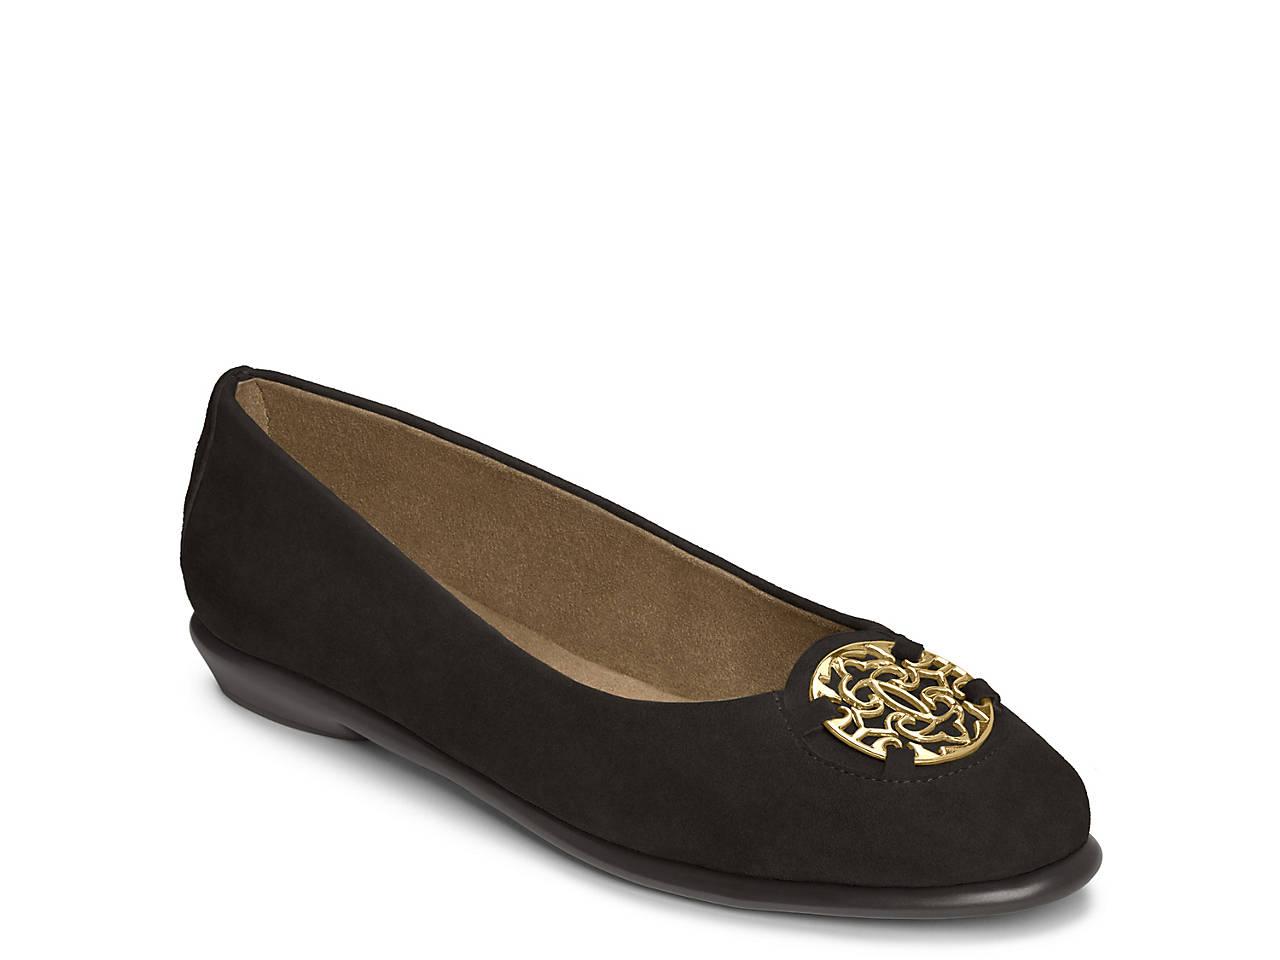 da65666318a Aerosoles Exhibet Ballet Flat Women s Shoes